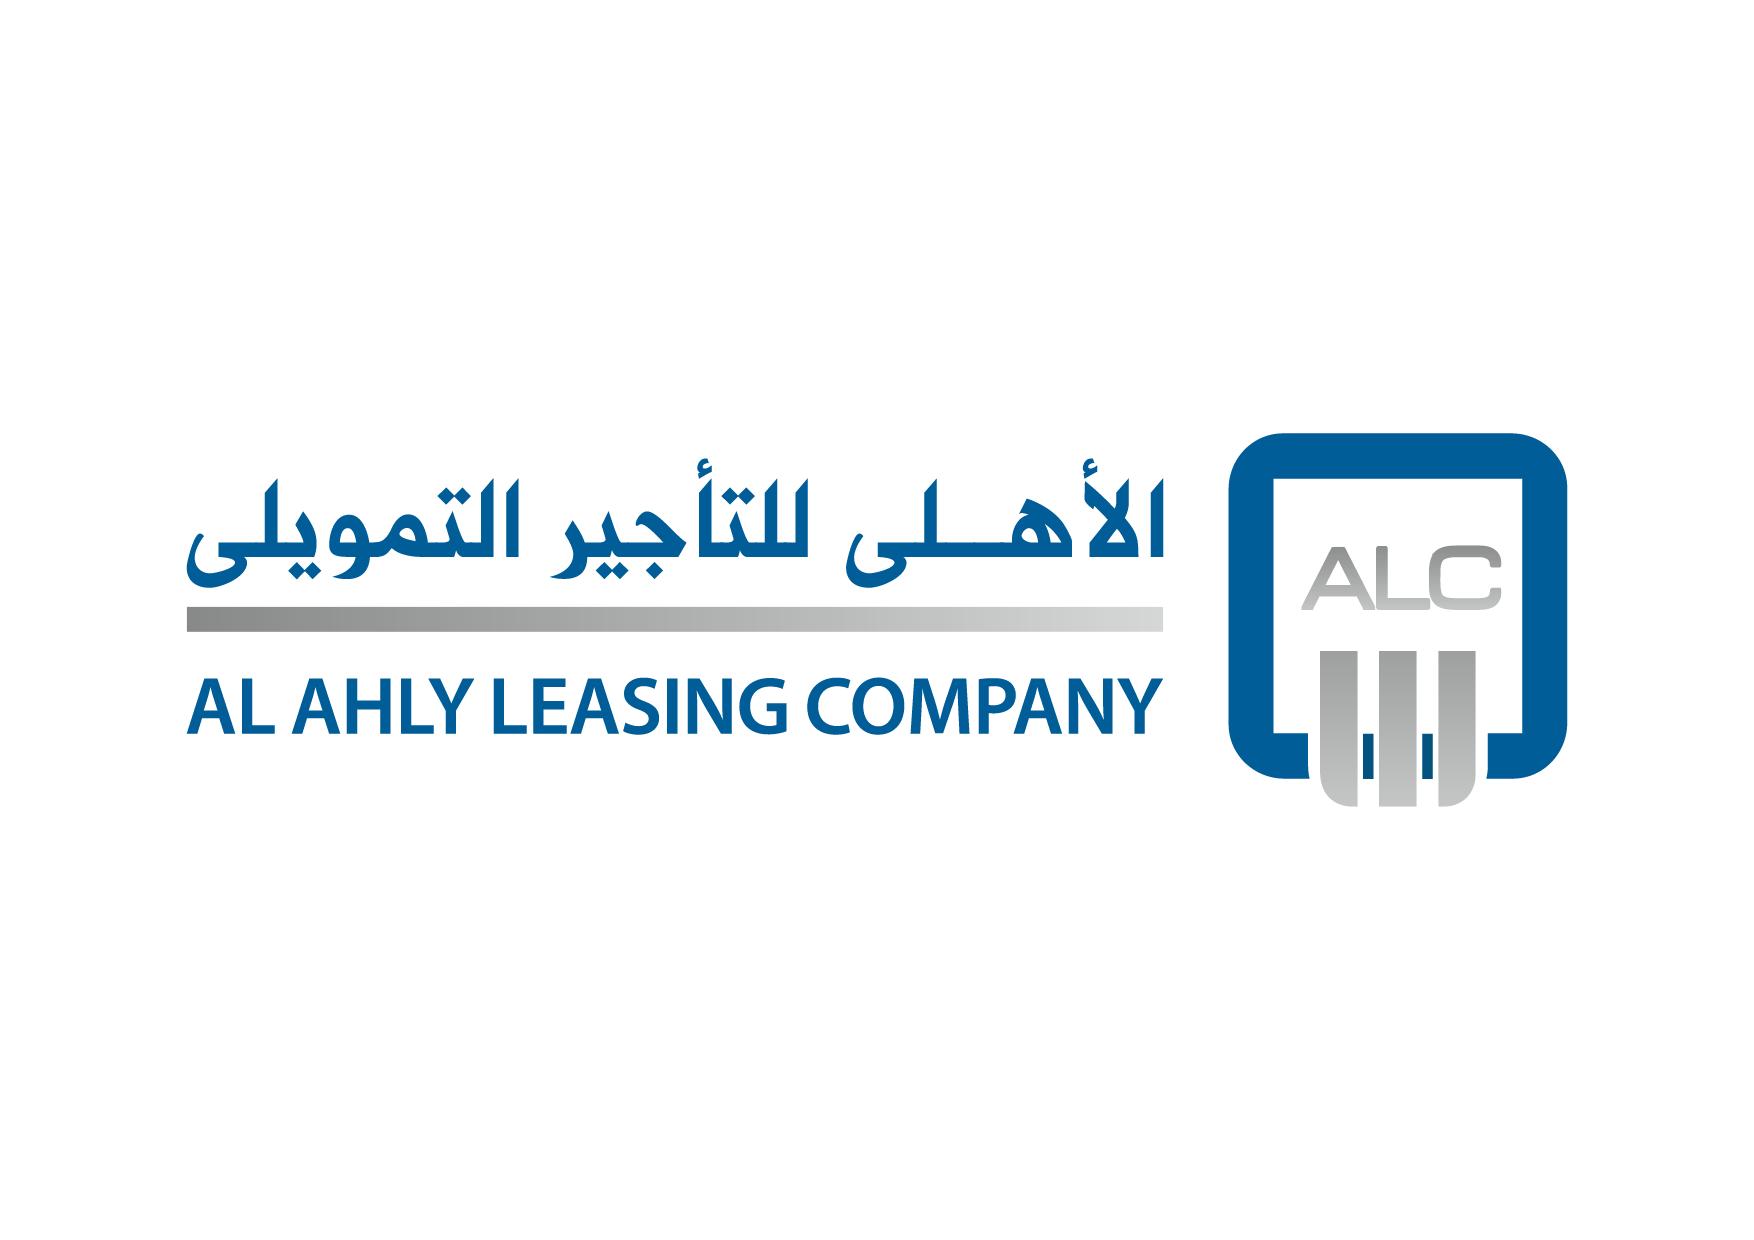 وظائف الاهلي للتأجير التمويلي ALC Bankاحدي شركات البنك الاهلي المصري